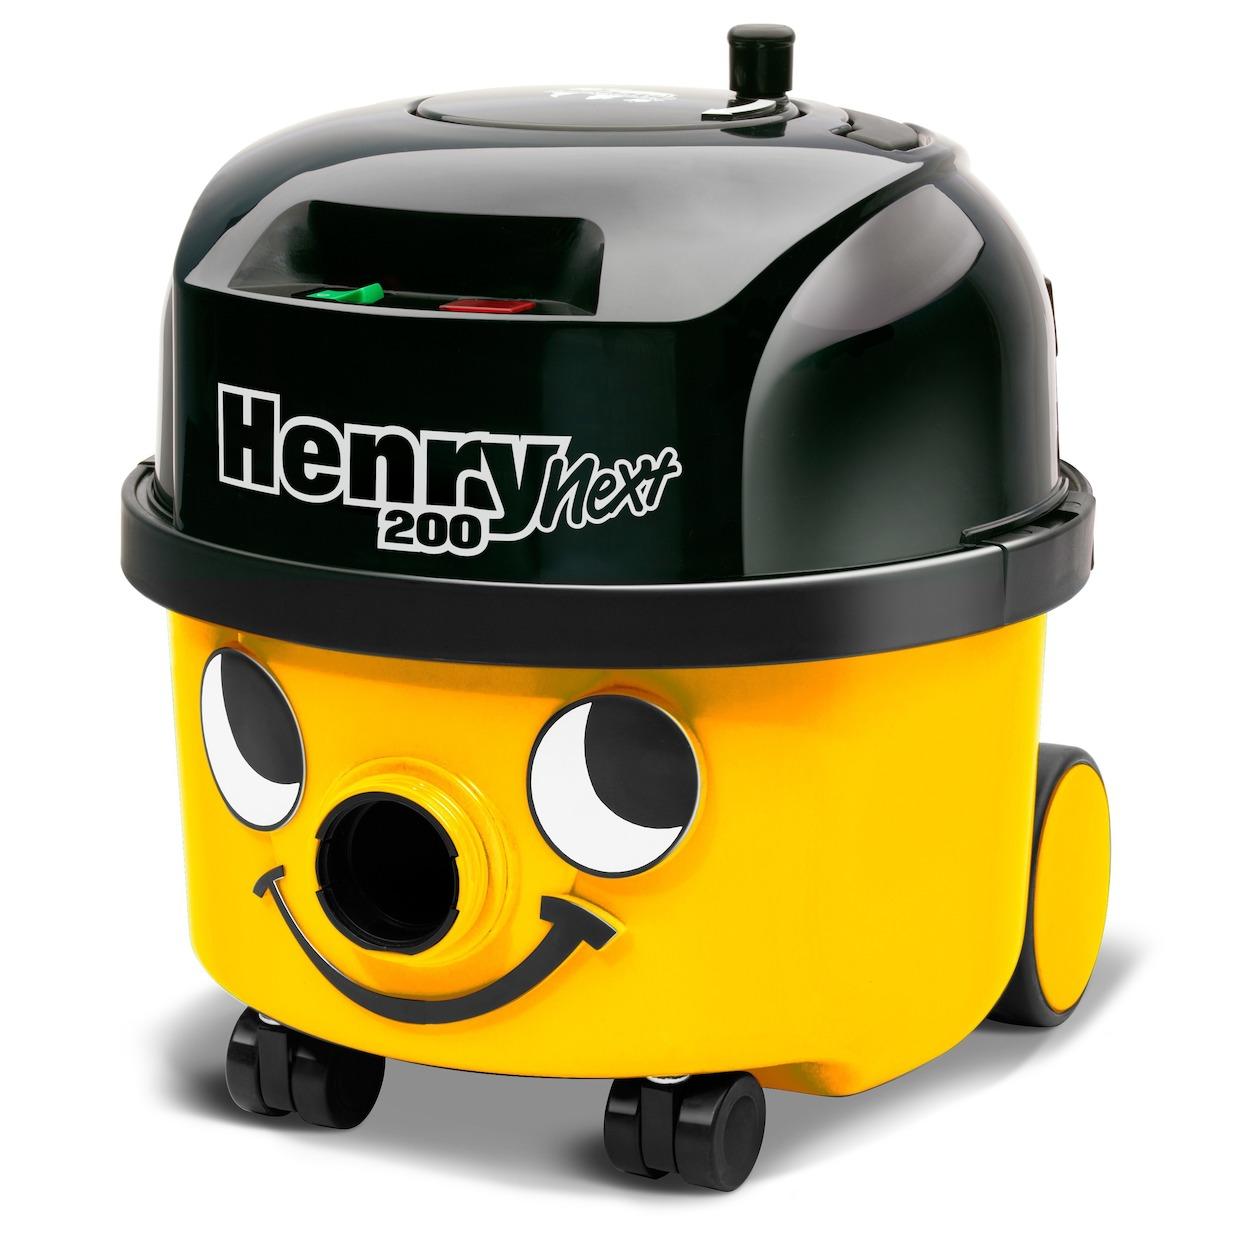 Numatic stofzuiger Henry Next HVN-203-11 geel